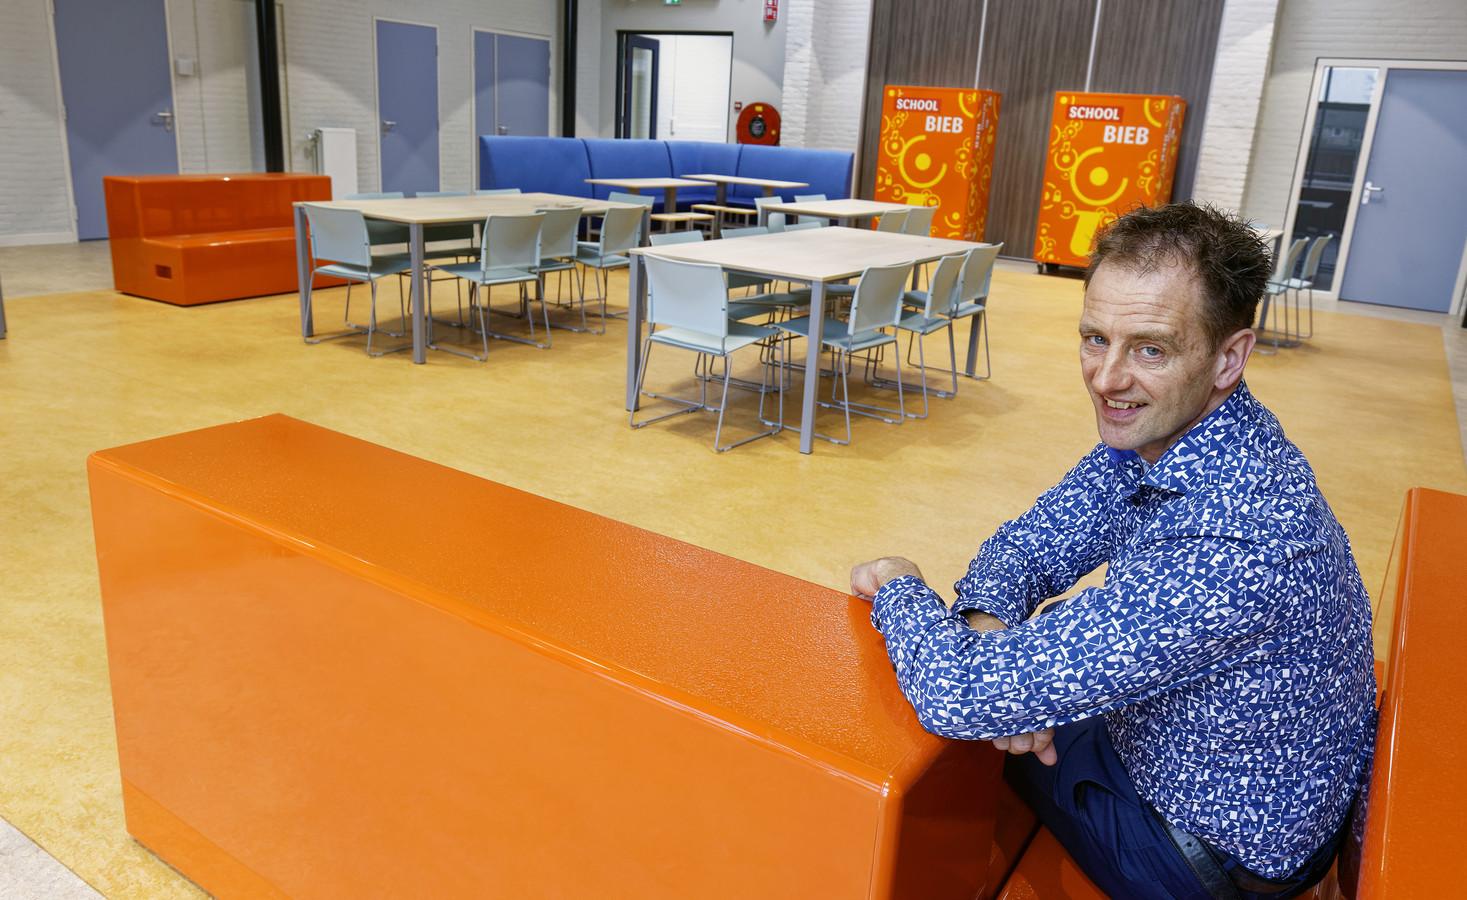 Directeur Anjo Sanders van het Vada College in Boxtel: ,,We krijgen aanmeldingen vanuit samenwerkingsverbanden die eerder aan ons voorbij gingen. We zijn weer in beeld.''